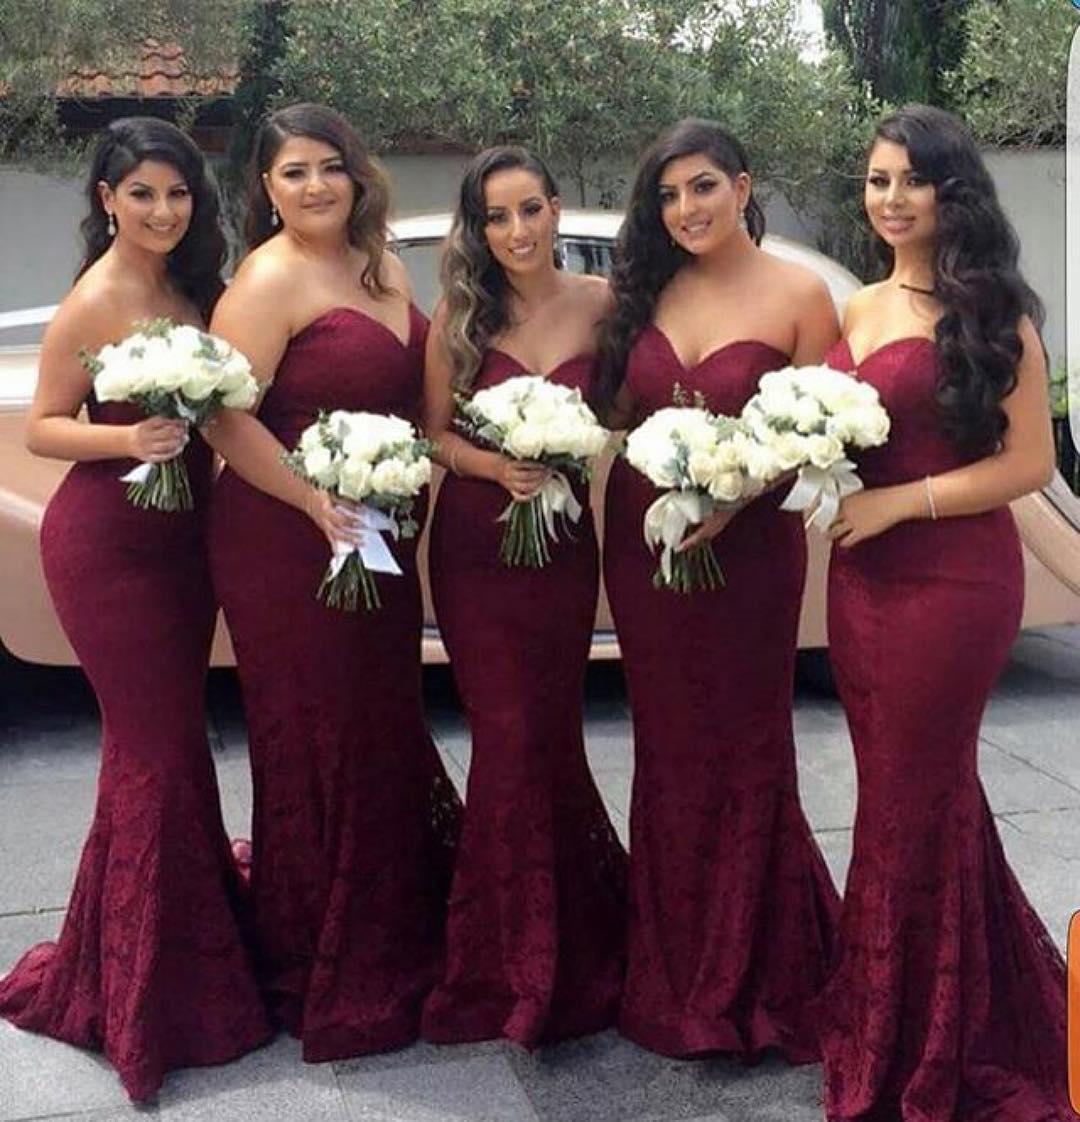 Wholesale Wine Color Bridesmaid Dresses